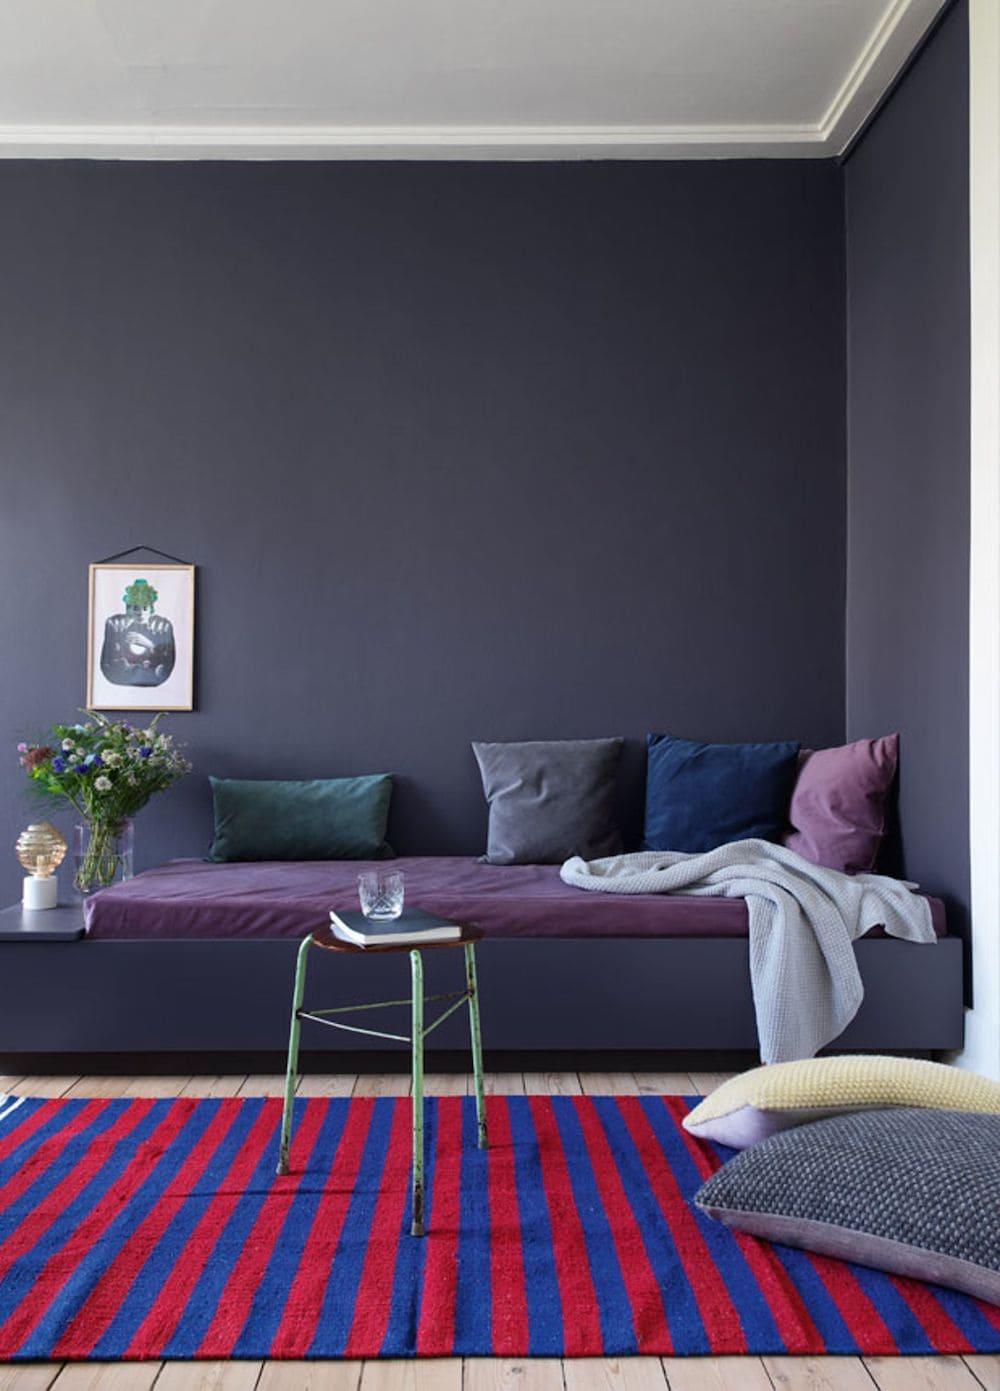 couleur violette à l'intérieur photo 7